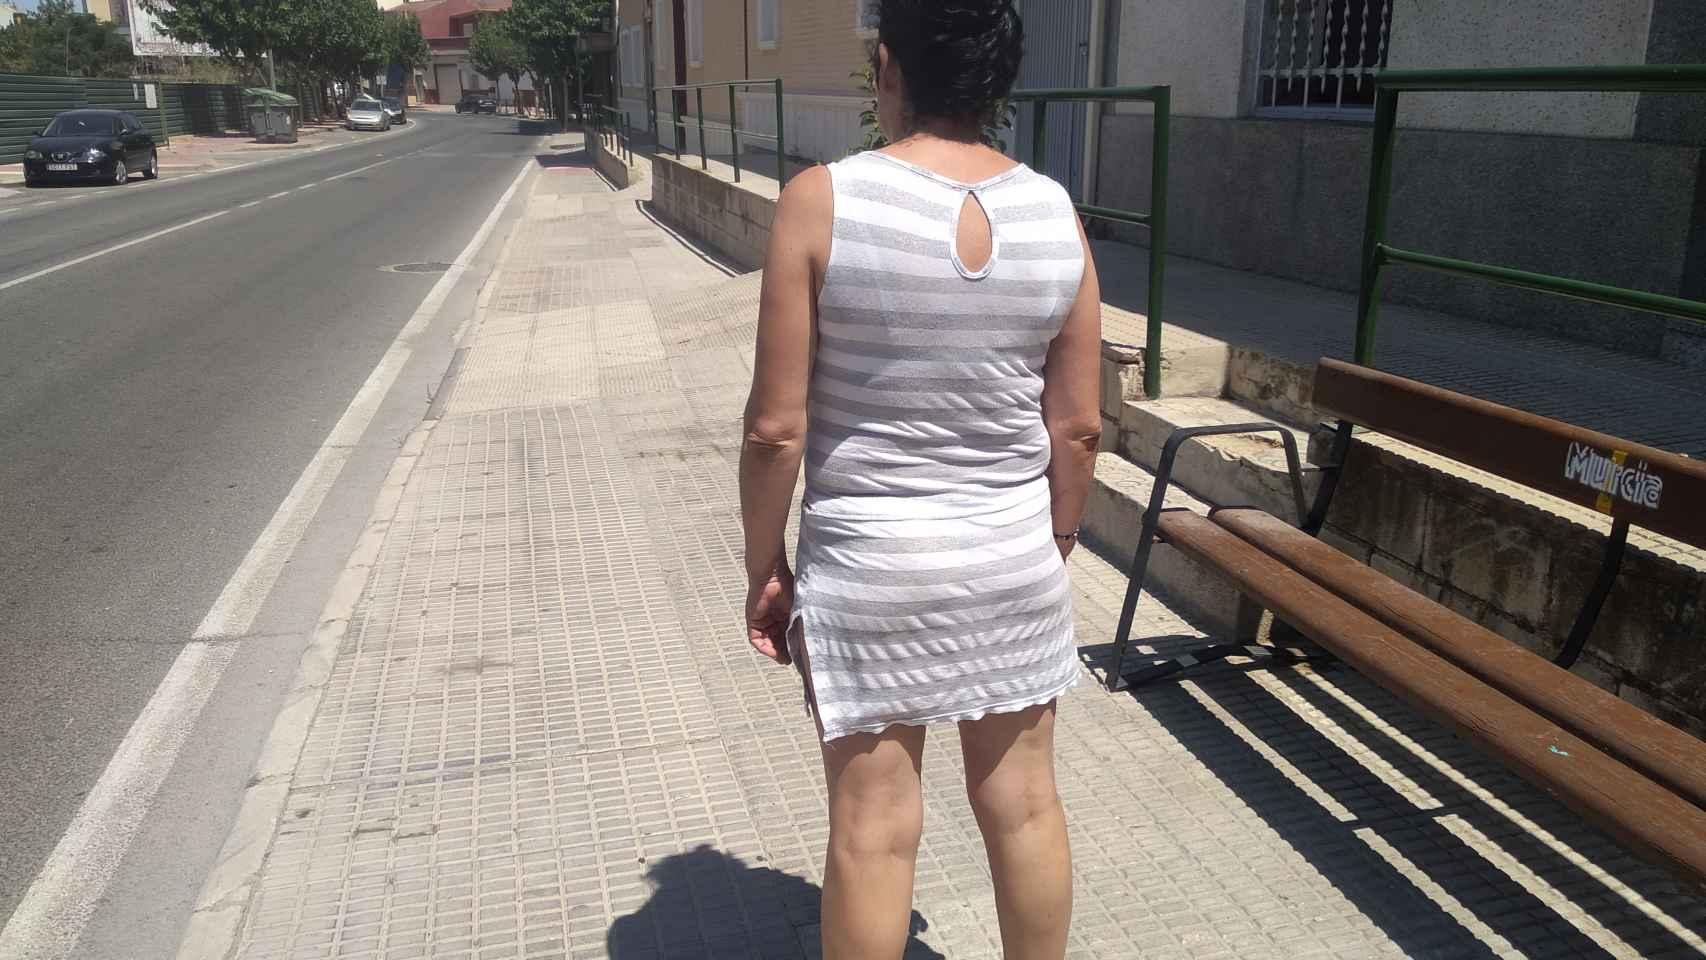 María José regresa junto a su pareja en Los Ramos tras ser detenida por tratar supuestamente de quemar a otra mujer.